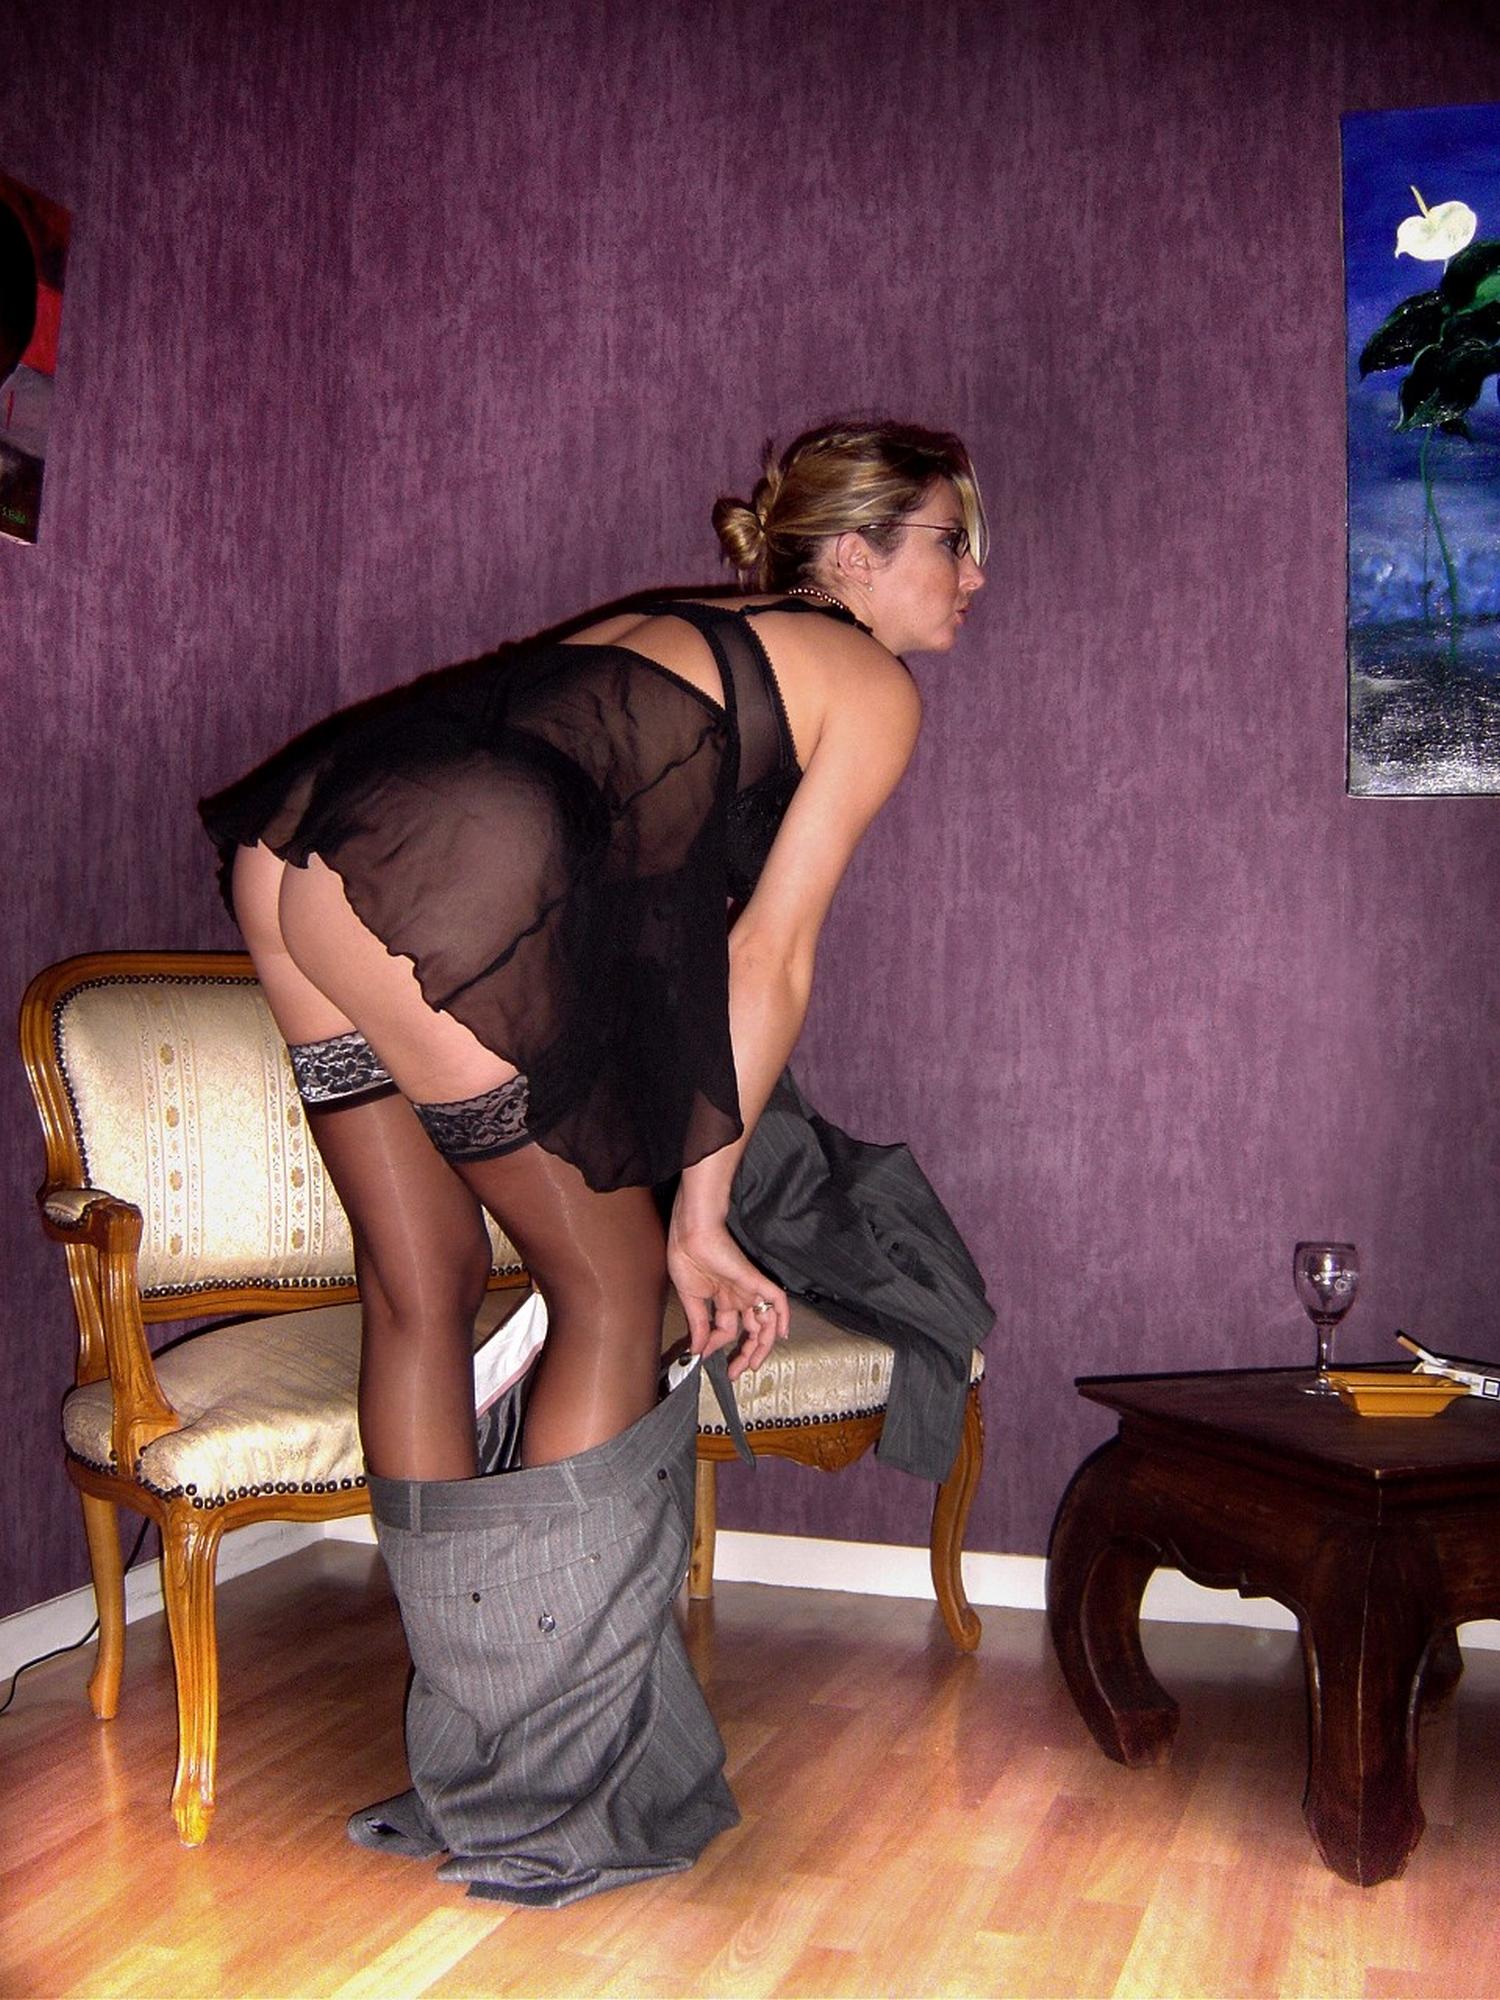 Возбужденная бизнес-леди шалит в апартаментах смотреть эротику